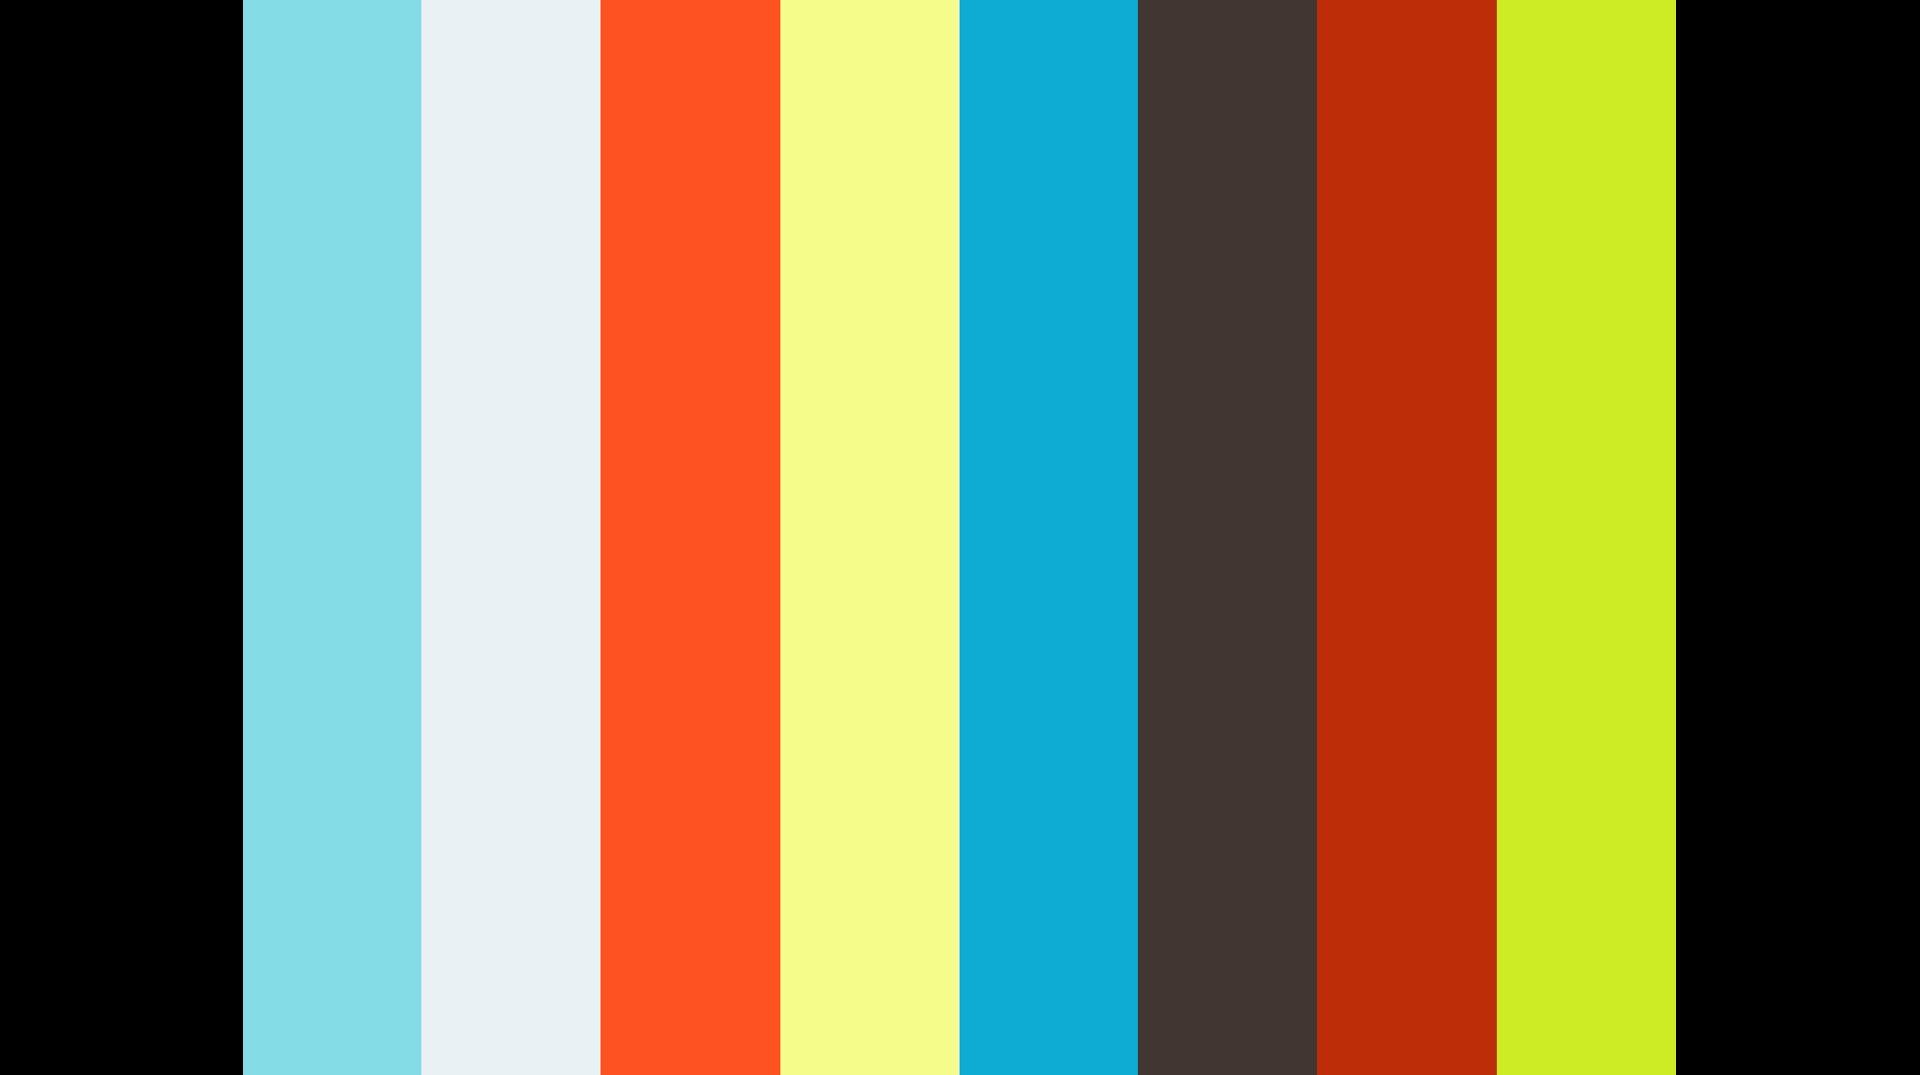 ЧЕЧЕНСКАЯ ЛЕЗГИНКА ЛИЧНО ДЛЯ РАМЗАНА КАДЫРОВА 2017 ASSA GROUP ЧЕЧЕНКАЯ ПЕСНЯ РАМЗАН КАДЫРОВ НОВАЯ